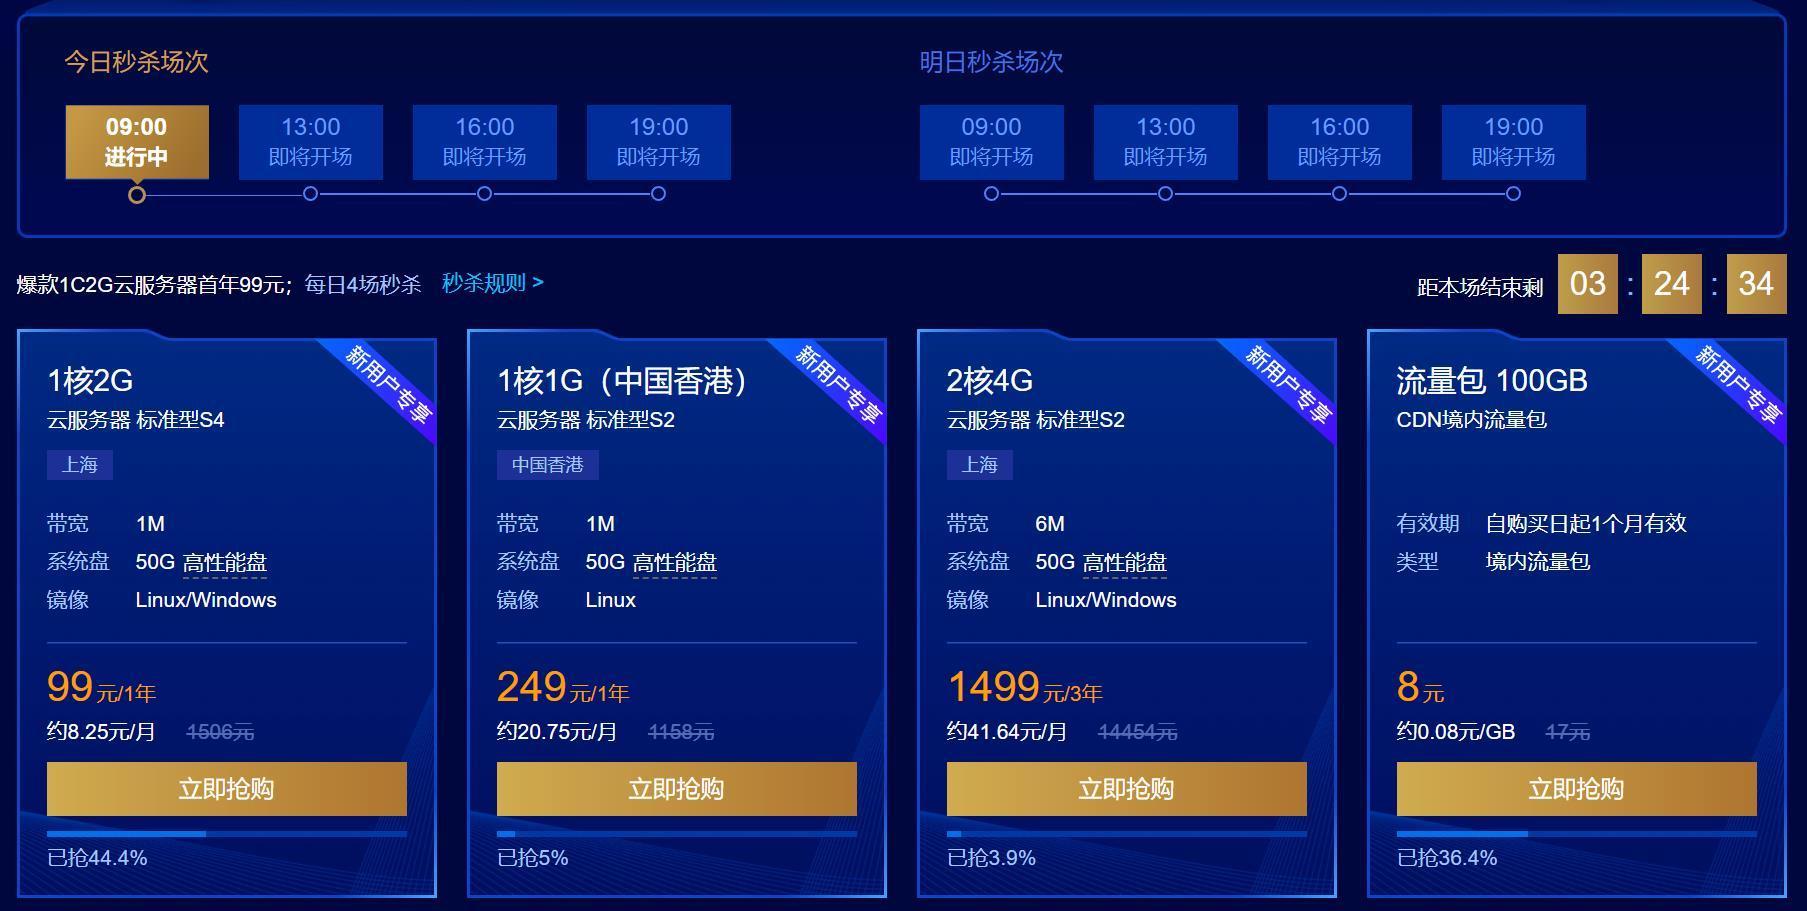 腾讯云丨新用户专享云服务器秒杀,2核4G云服务器3年1499元